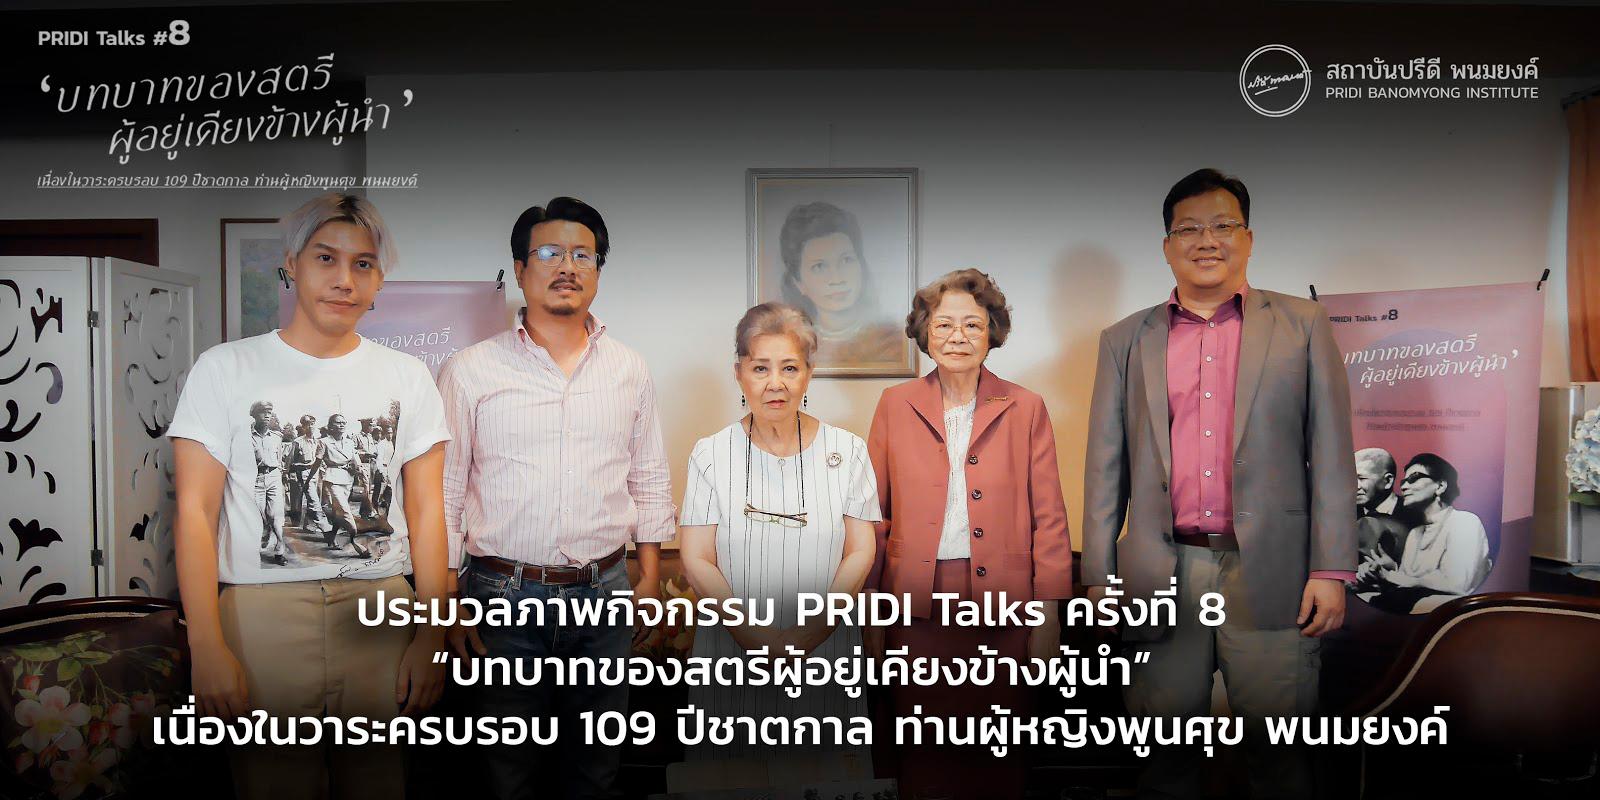 """ประมวลภาพกิจกรรม PRIDI Talks ครั้งที่ 8 """"บทบาทของสตรีผู้อยู่เคียงข้างผู้นำ"""" เนื่องในวาระครบรอบ 109 ปีชาตกาล ท่านผู้หญิงพูนศุข พนมยงค์"""